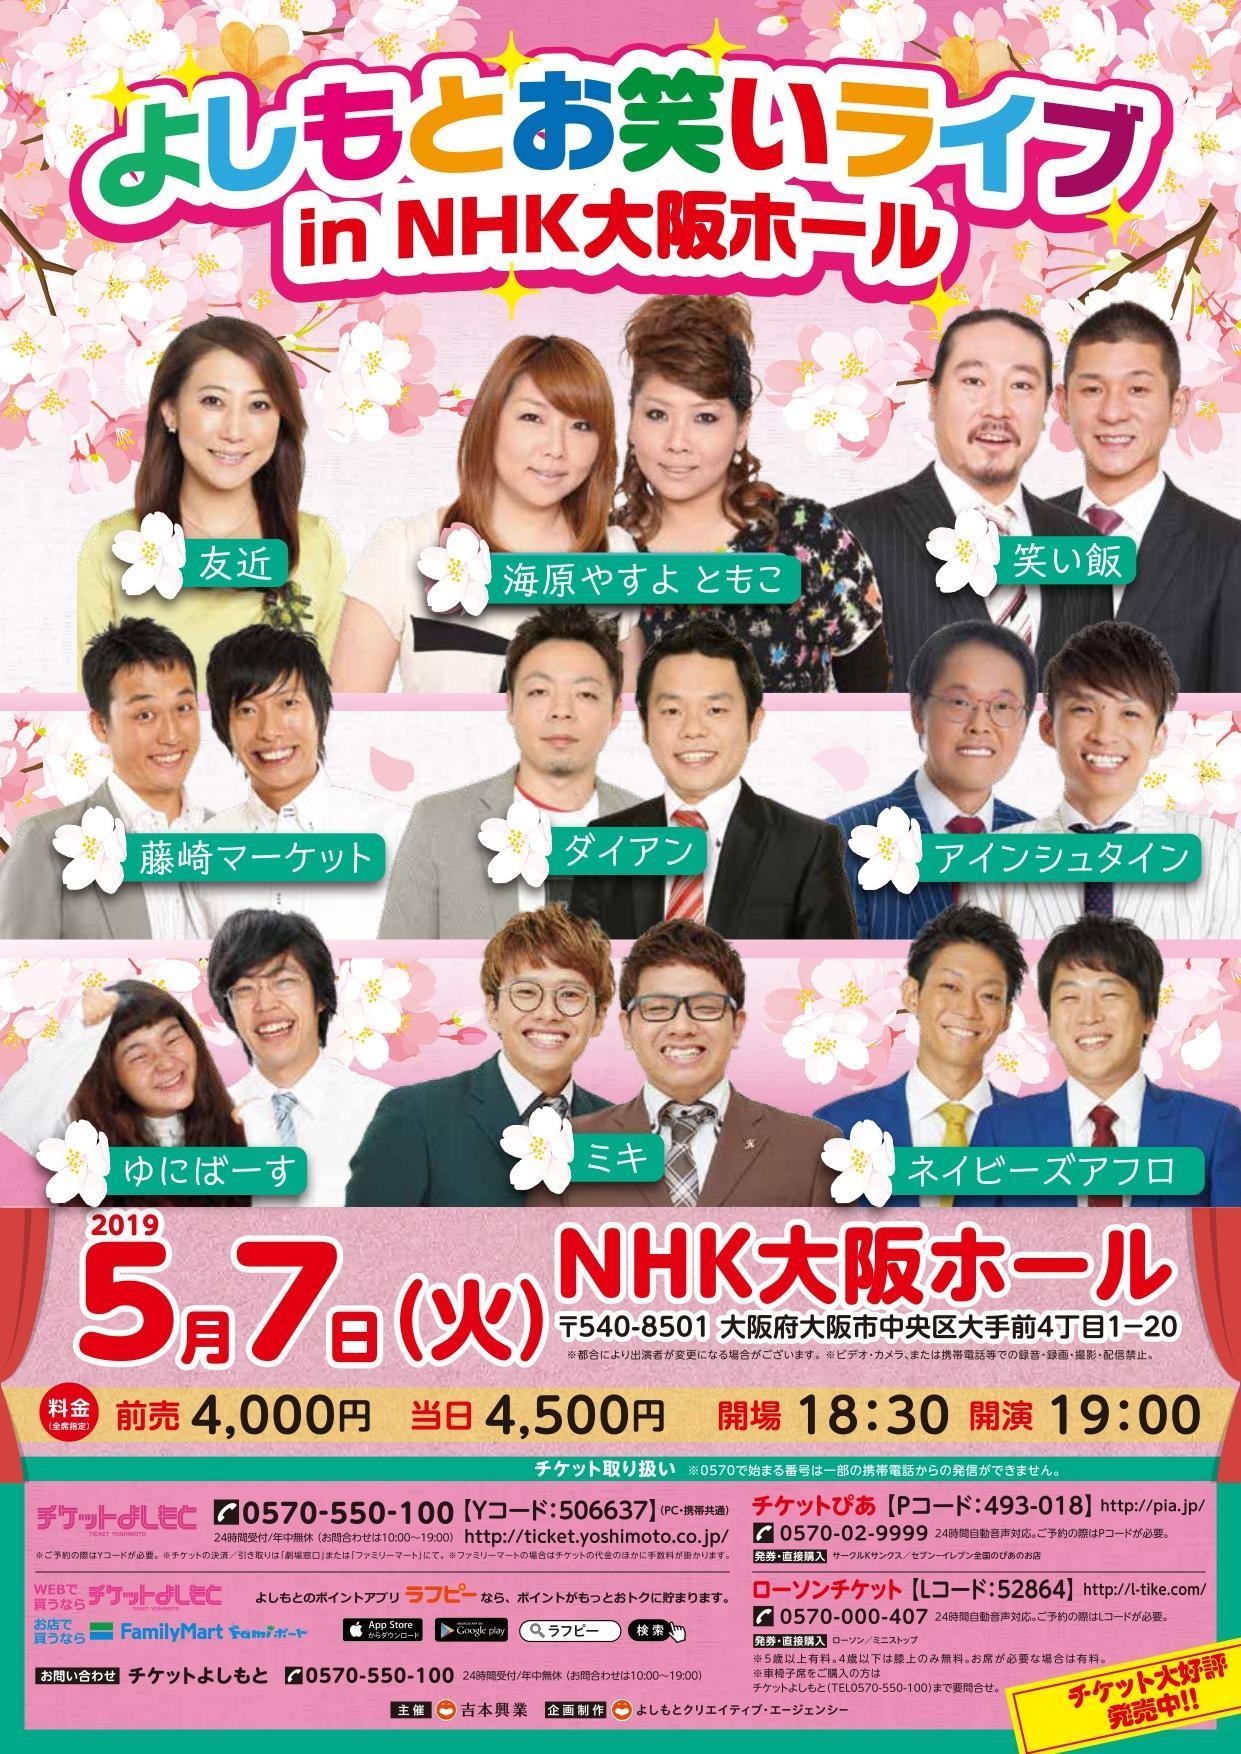 http://www.syumatsu.jp/20190308123940-73193337bc63610ae876968ce171d6a3bb1e36ff.jpg